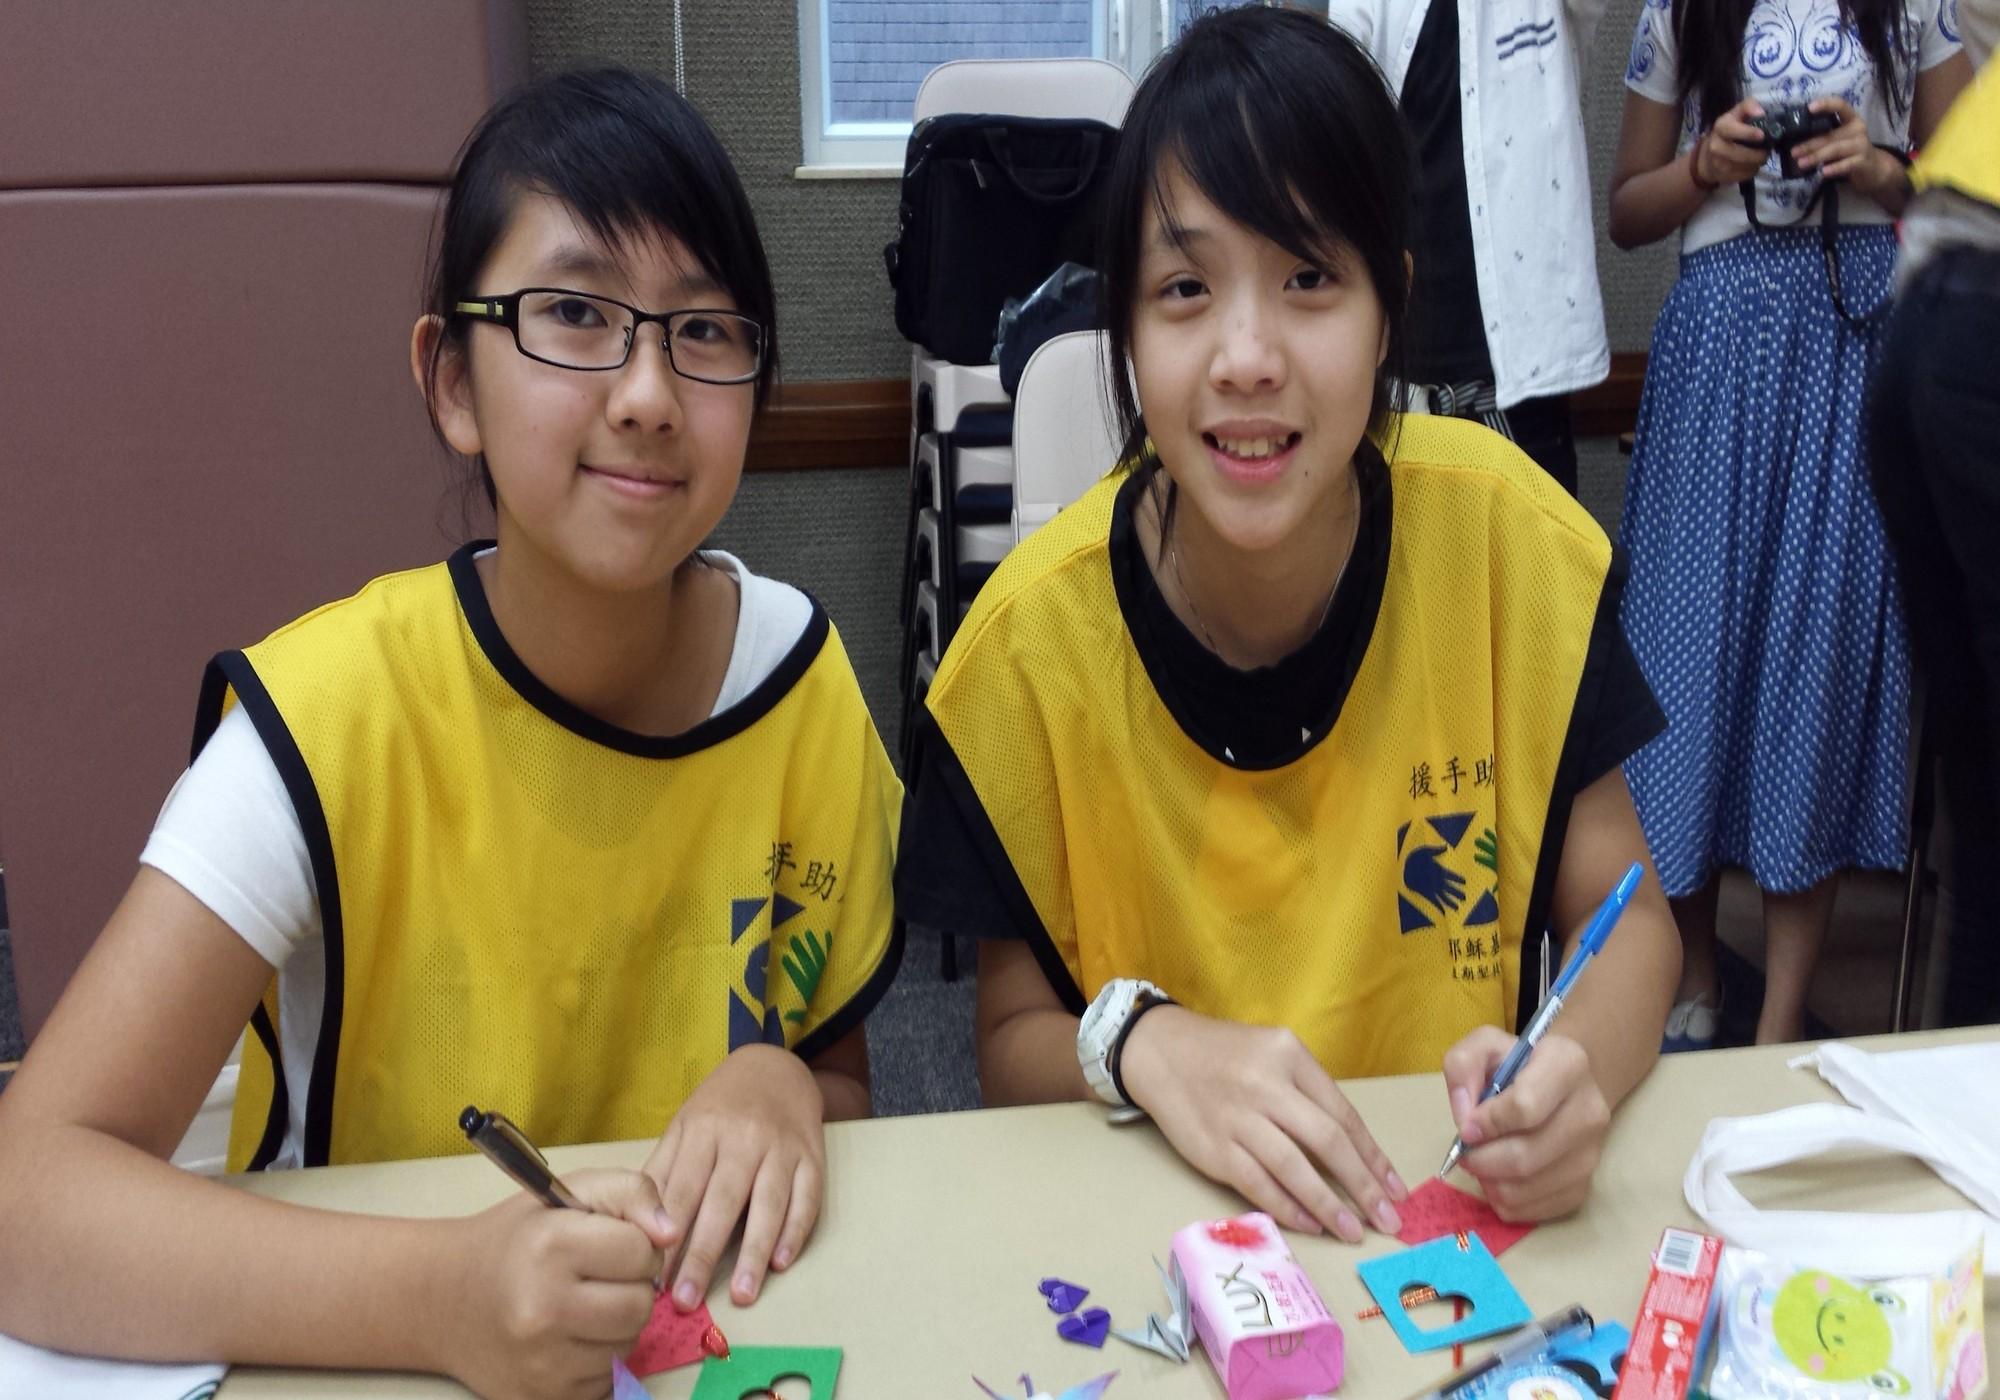 薄扶林支會和香港仔支會的兩位女青年